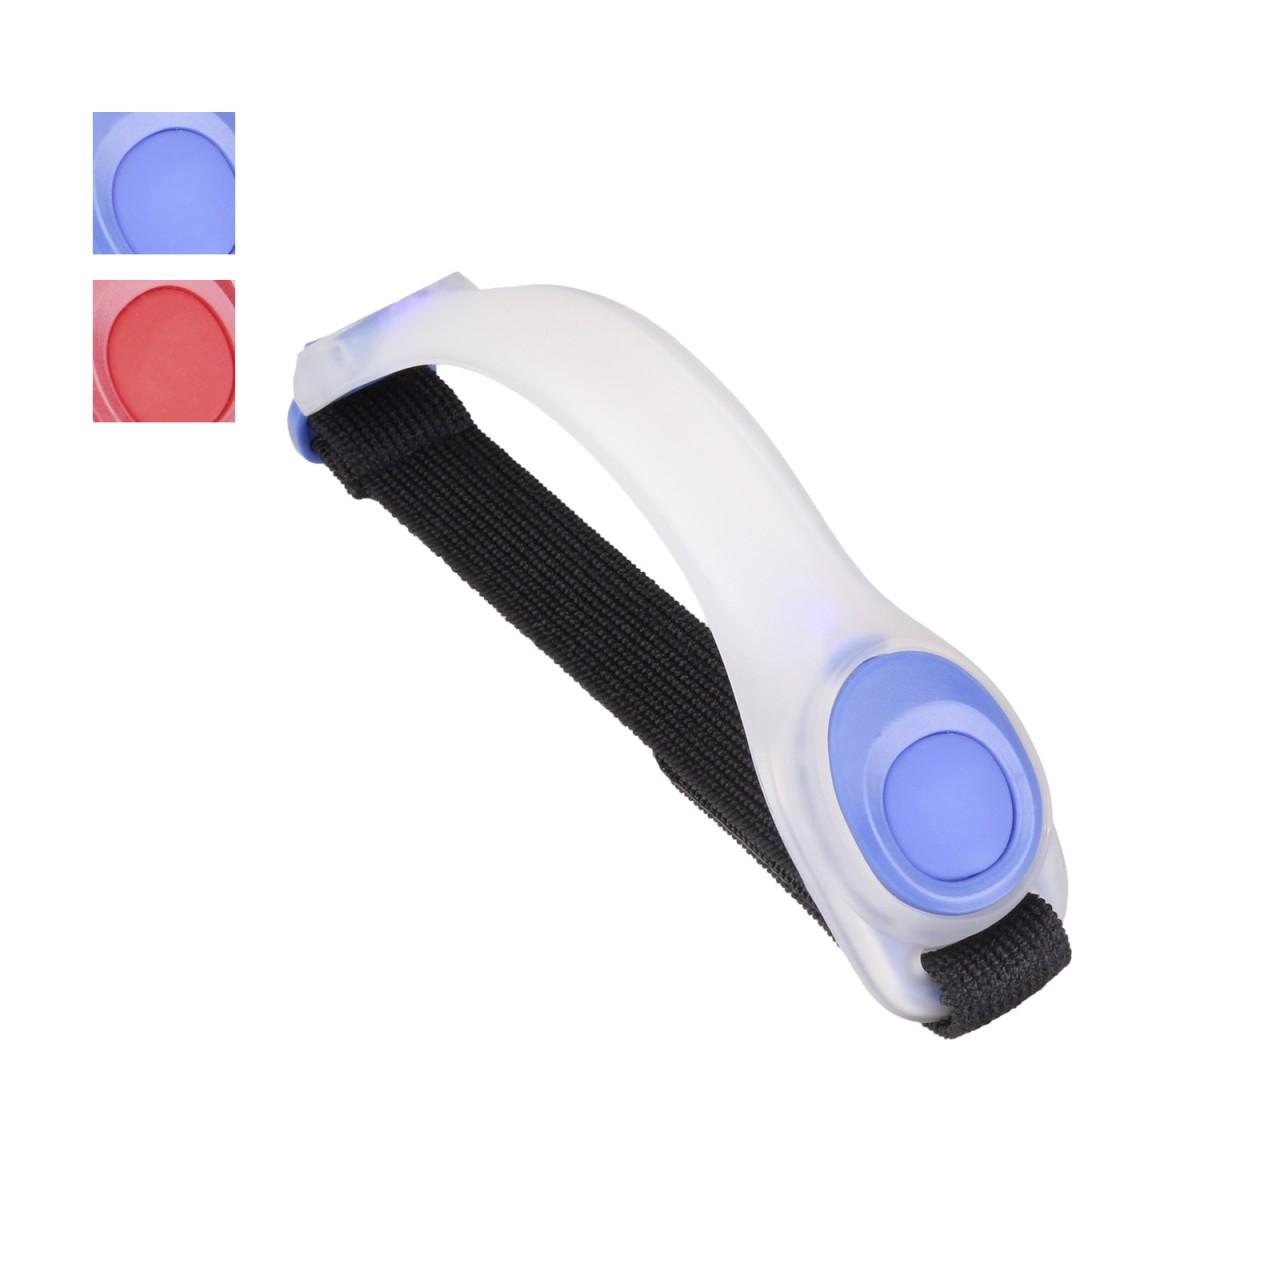 LED Armband SAFETY LIGHT Leuchtarmband - Blau